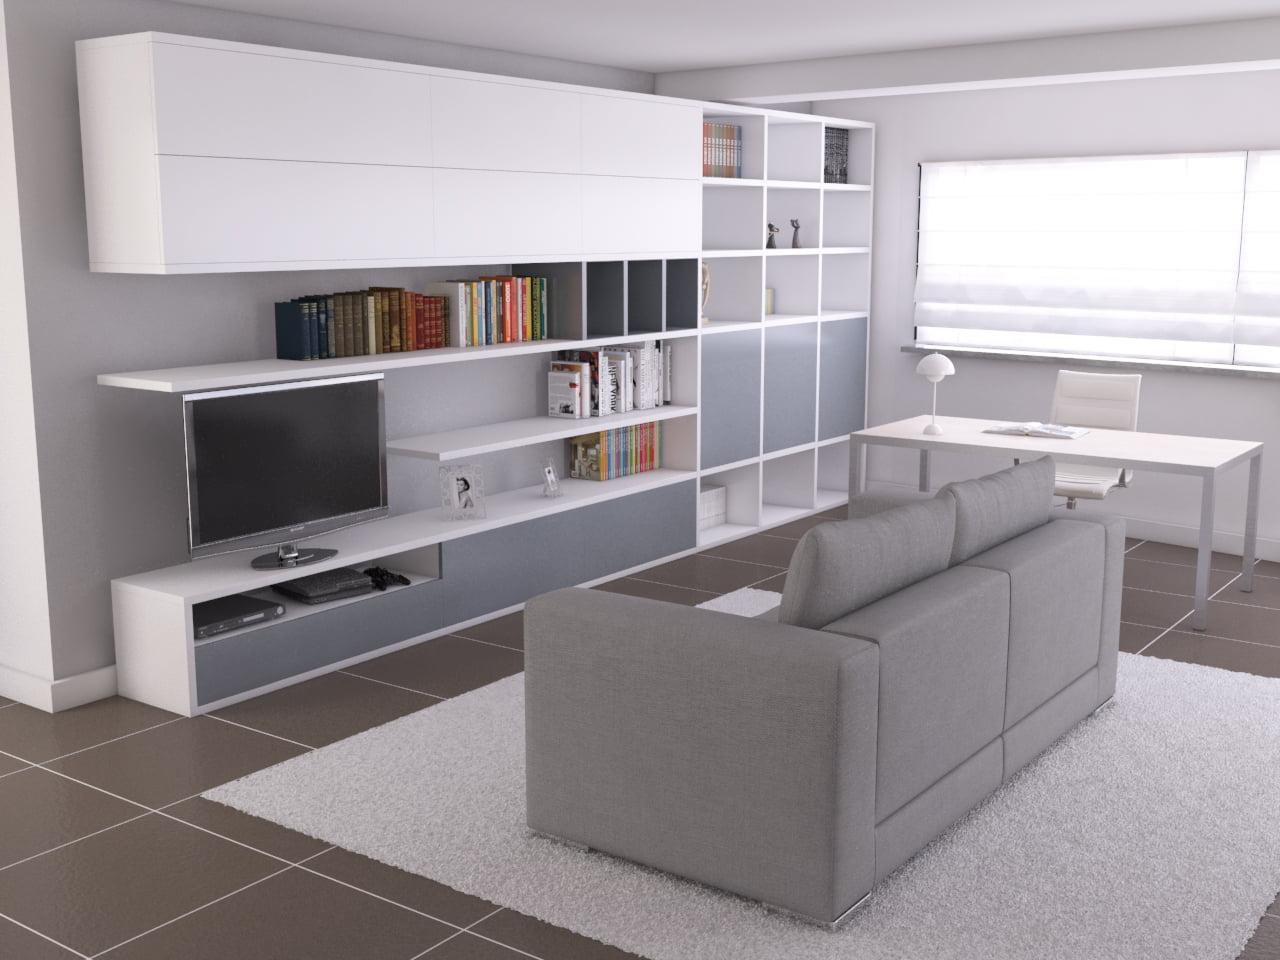 Studio mimmocchi rendering render progetto arredo per for Progetto arredo